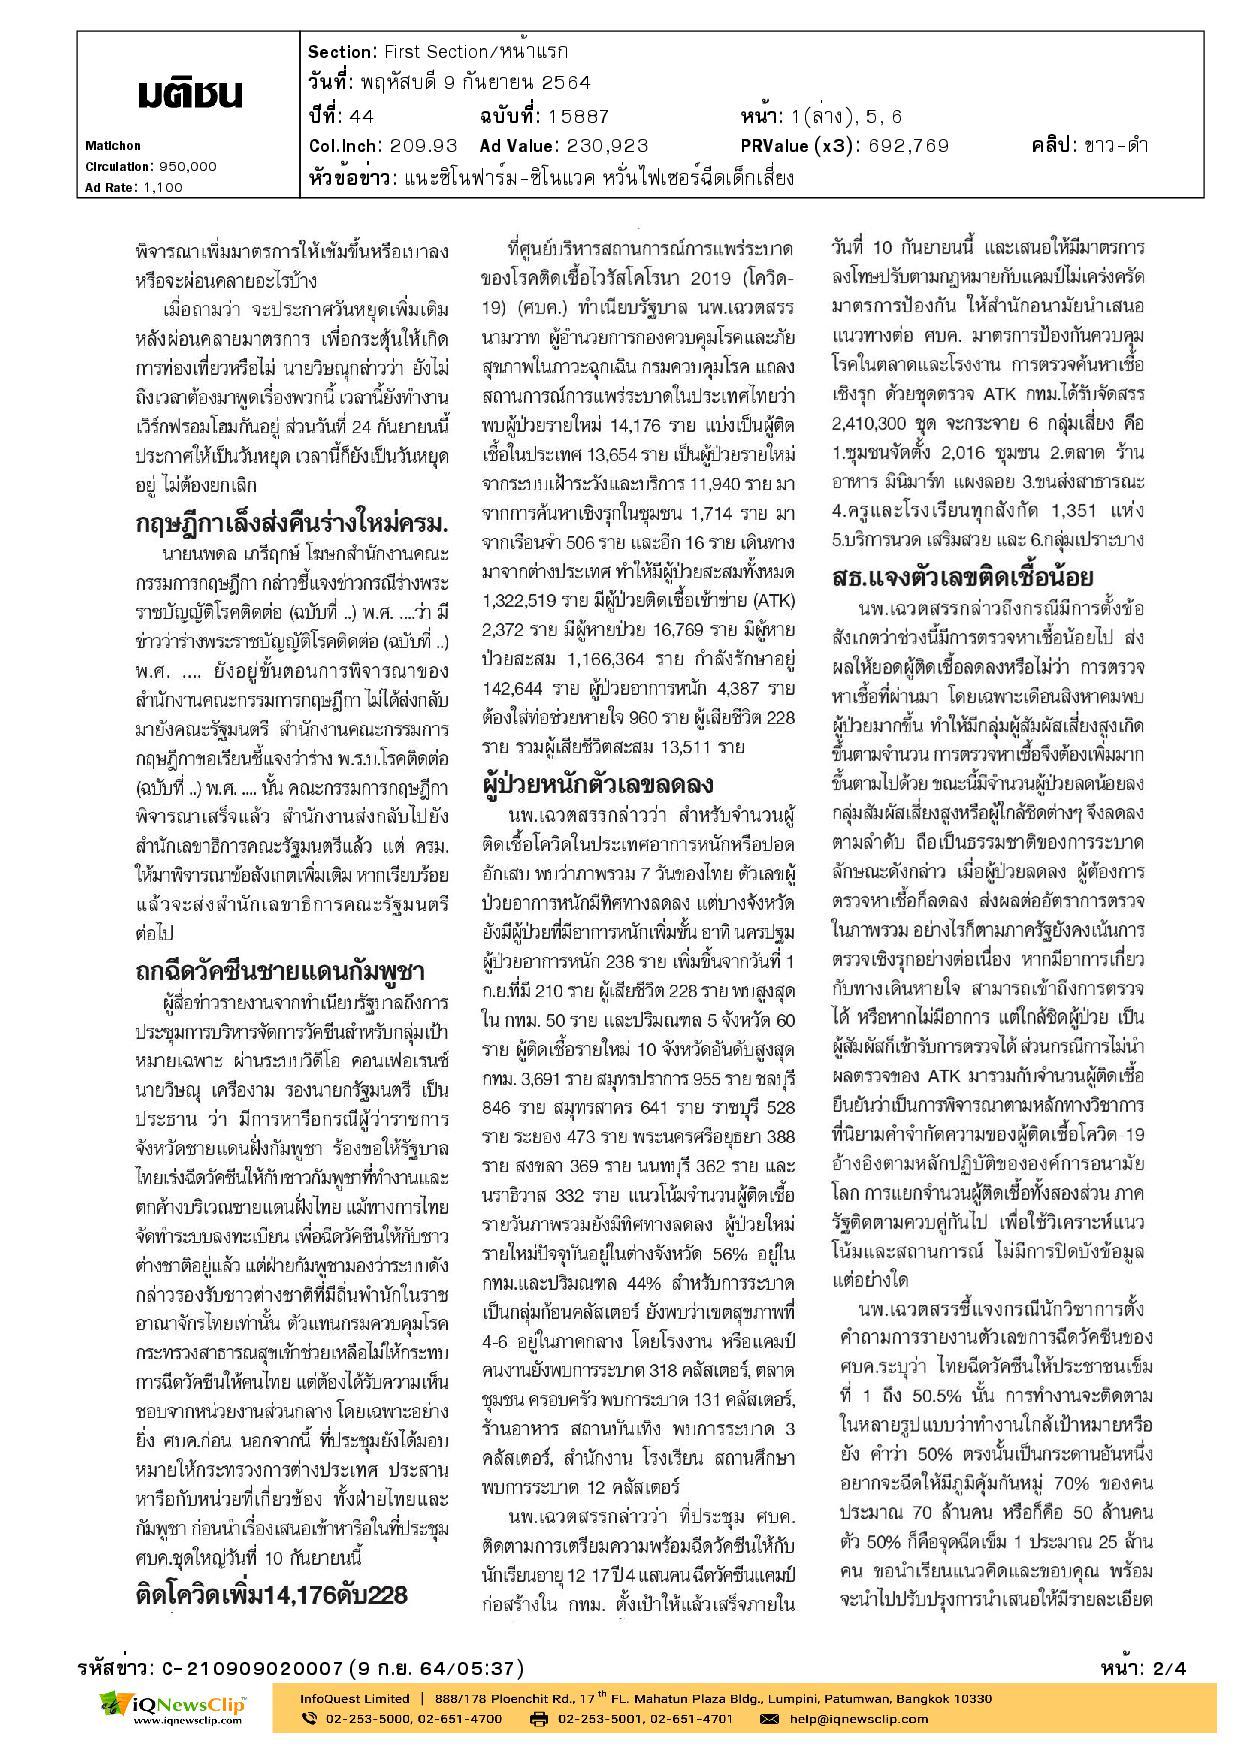 นพ.ธีระวัฒน์ เหมะจุฑา แนะนำวัคซีนป้องกันโรคโควิด-19 ที่เหมาะสำหรับฉีดในเด็ก